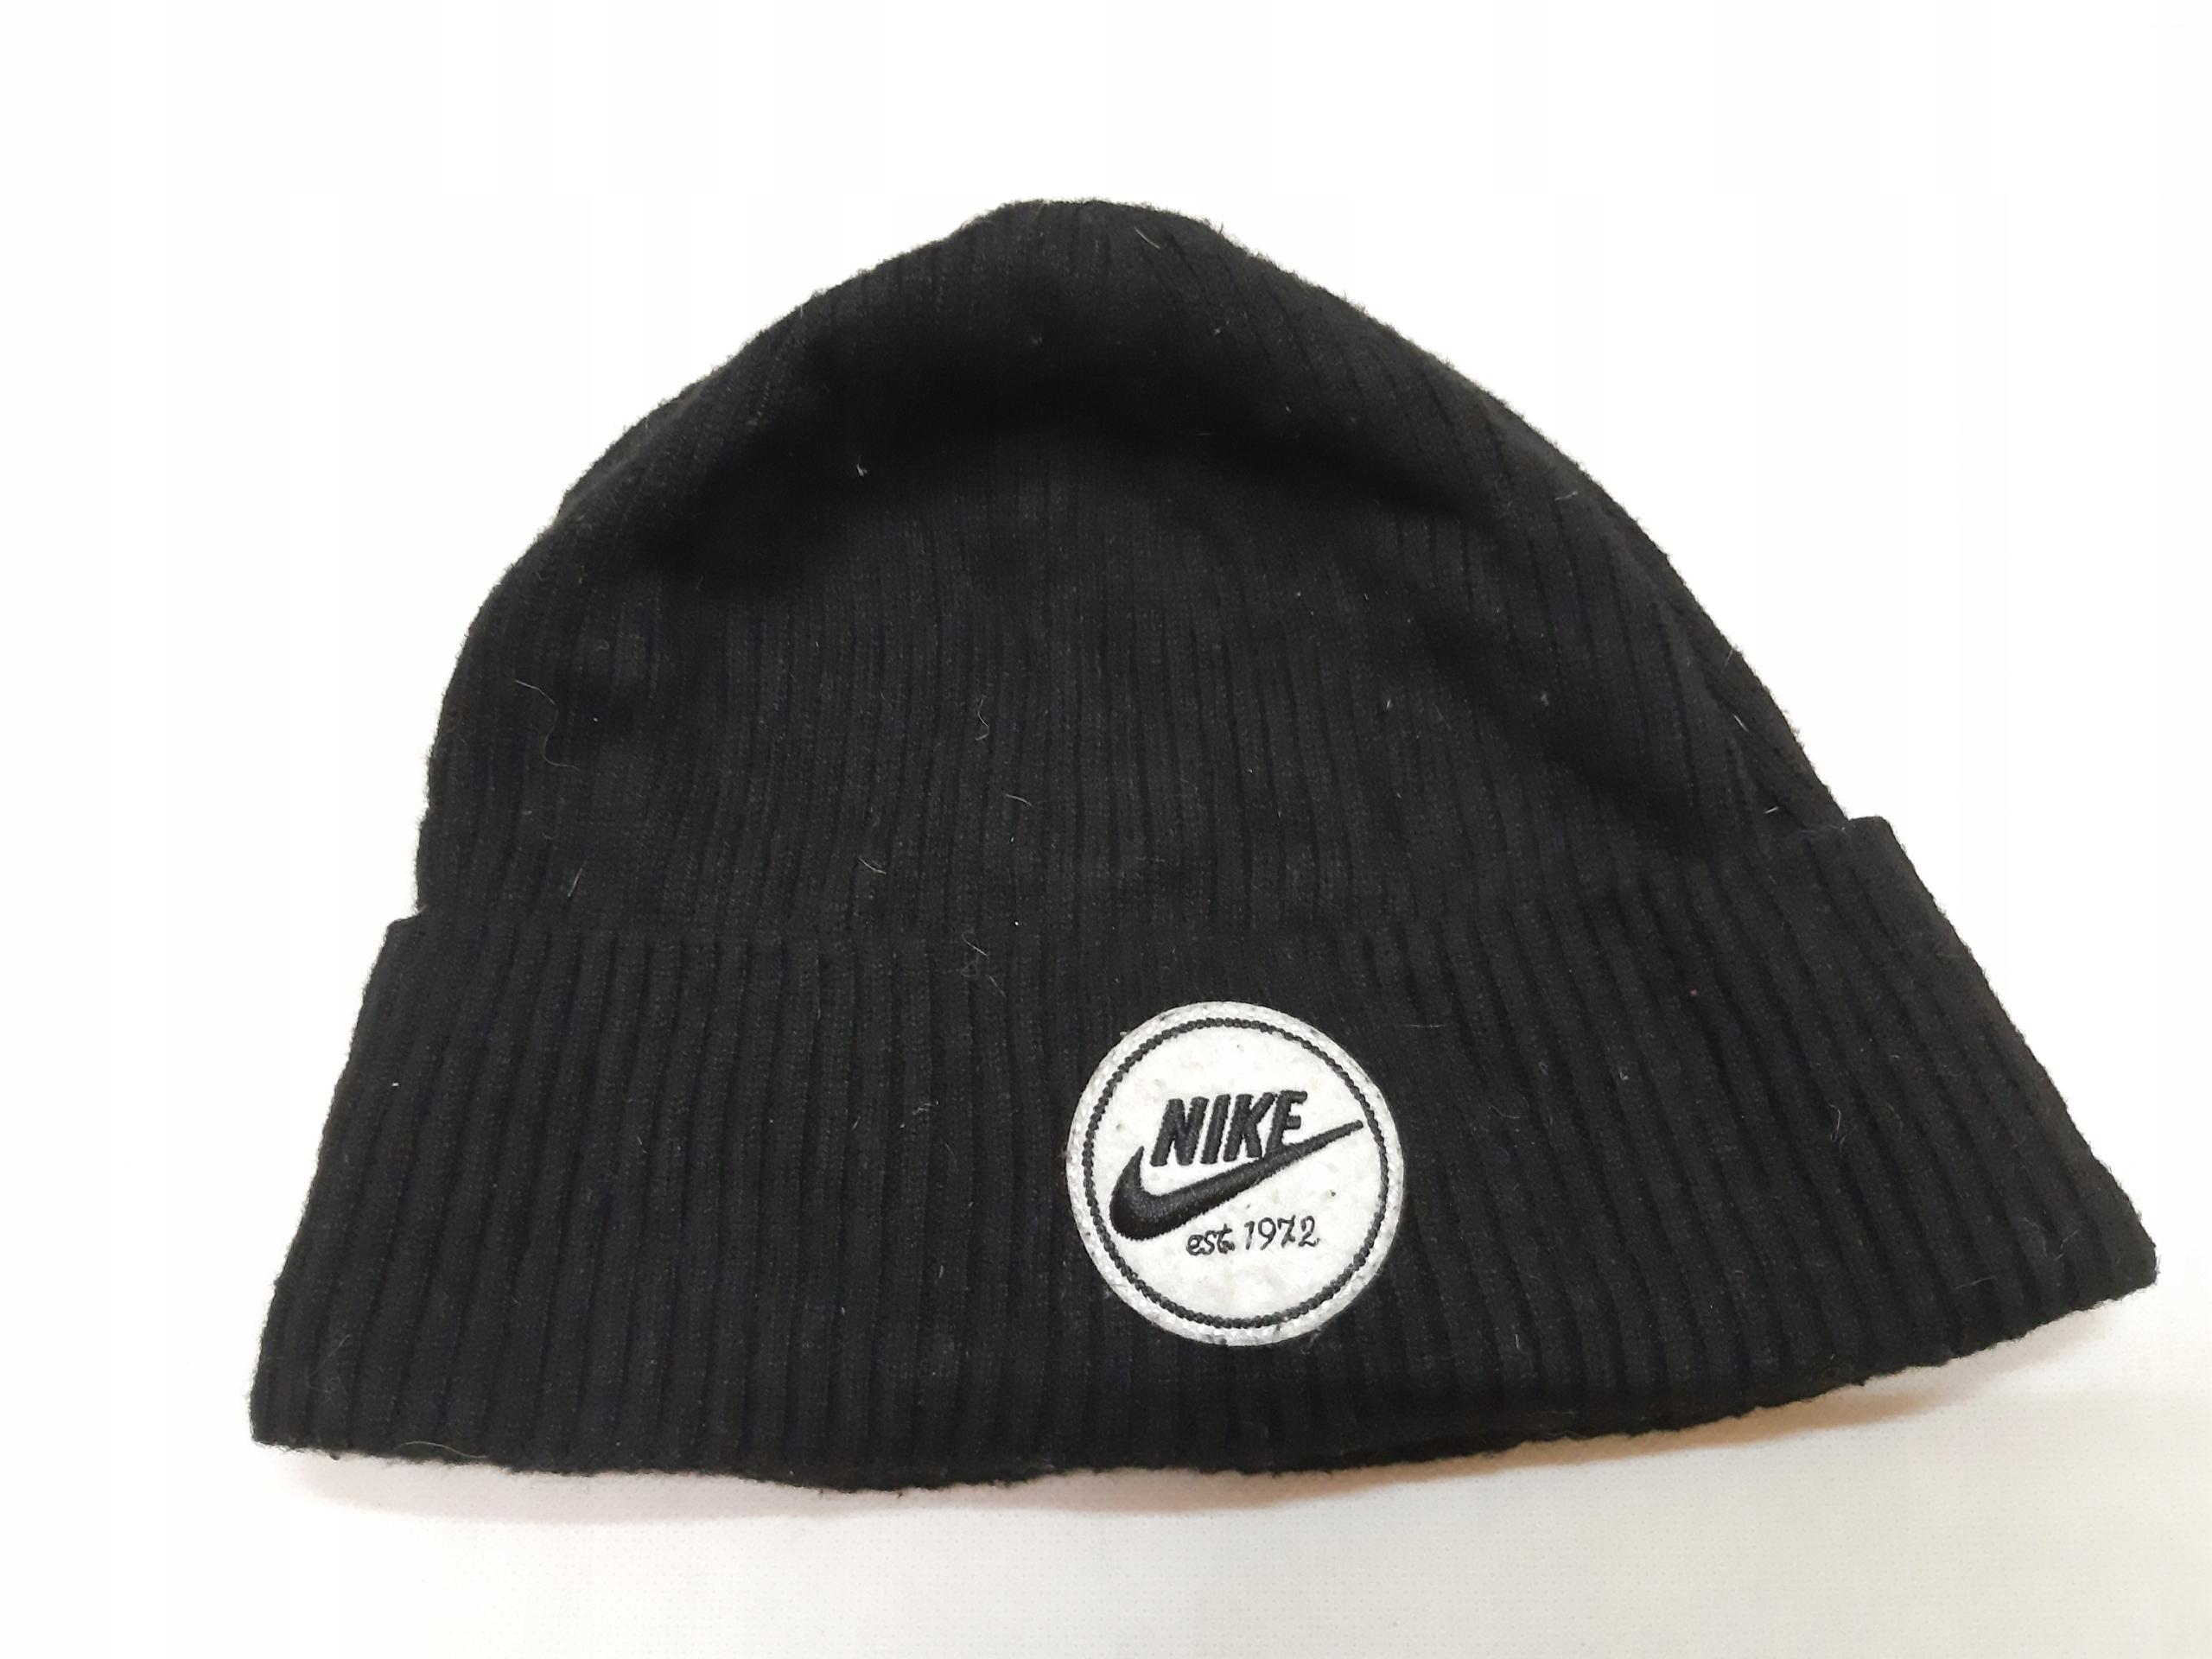 Czarna czapka Nike uniseks R9